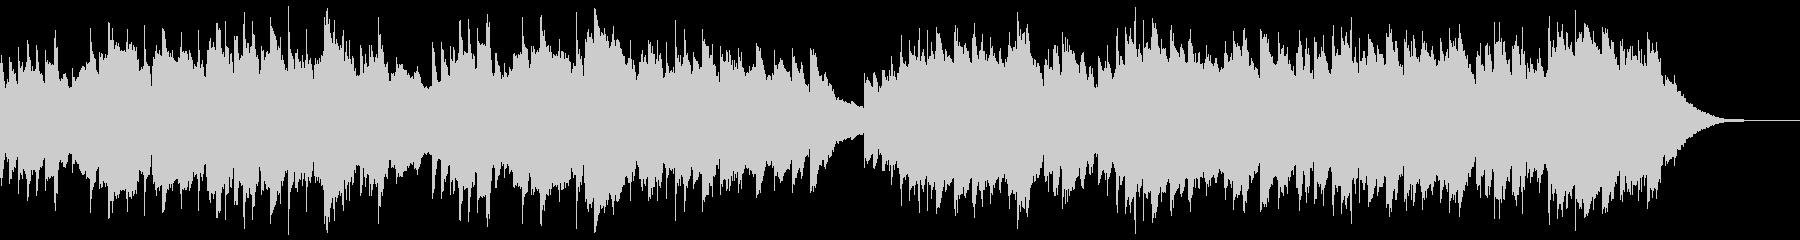 幸福感のあるピアノBGMの未再生の波形